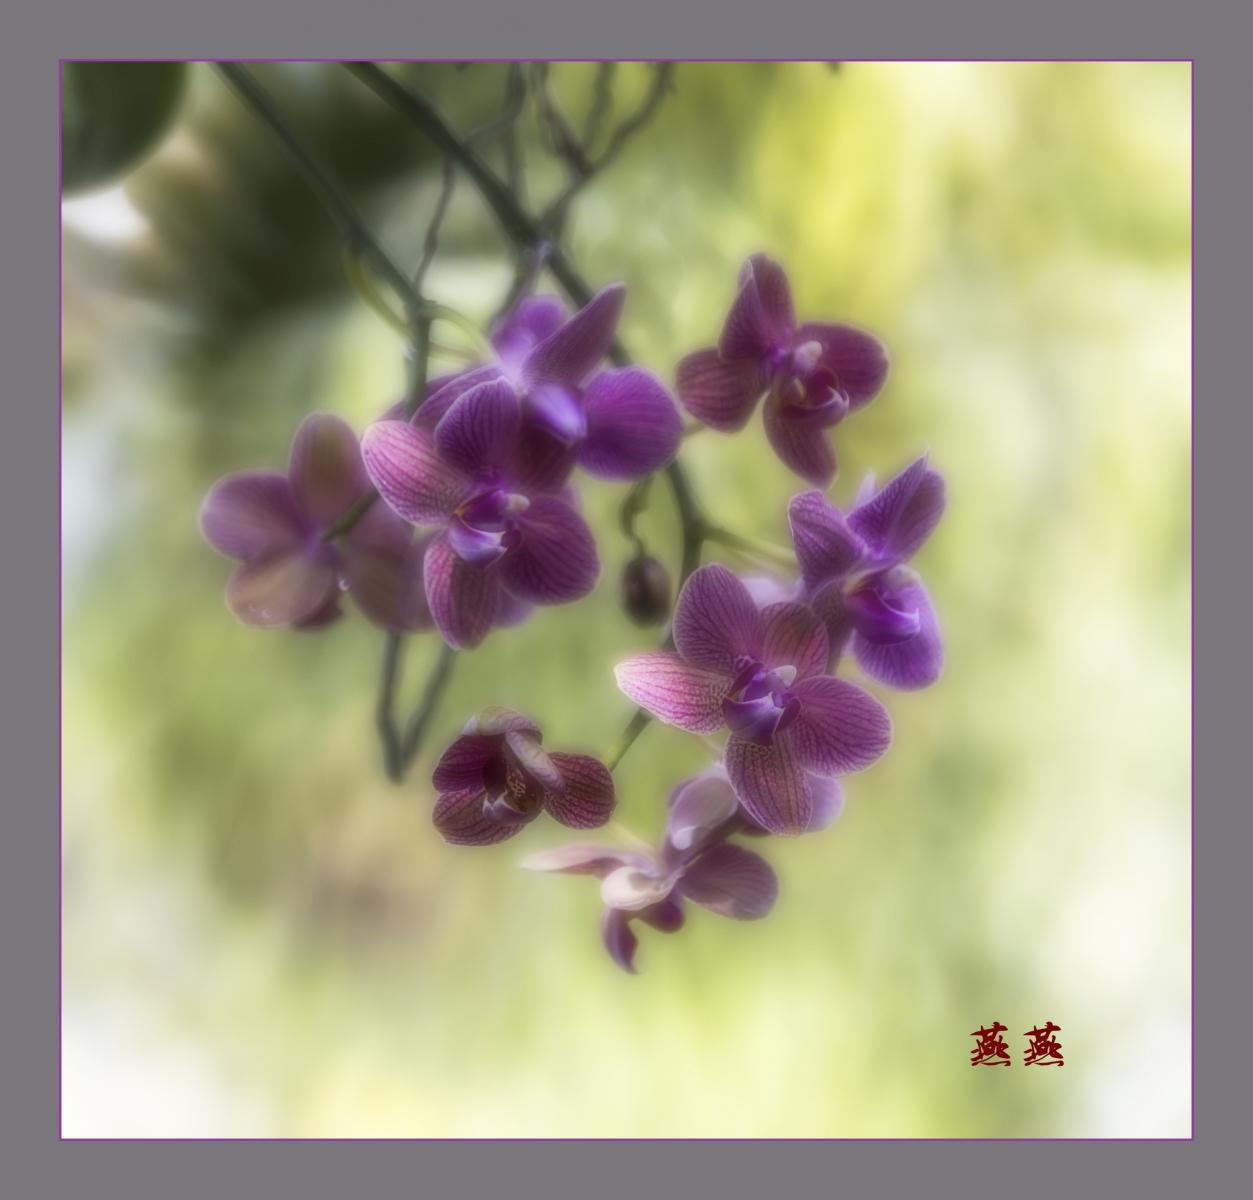 春回大地_图1-3